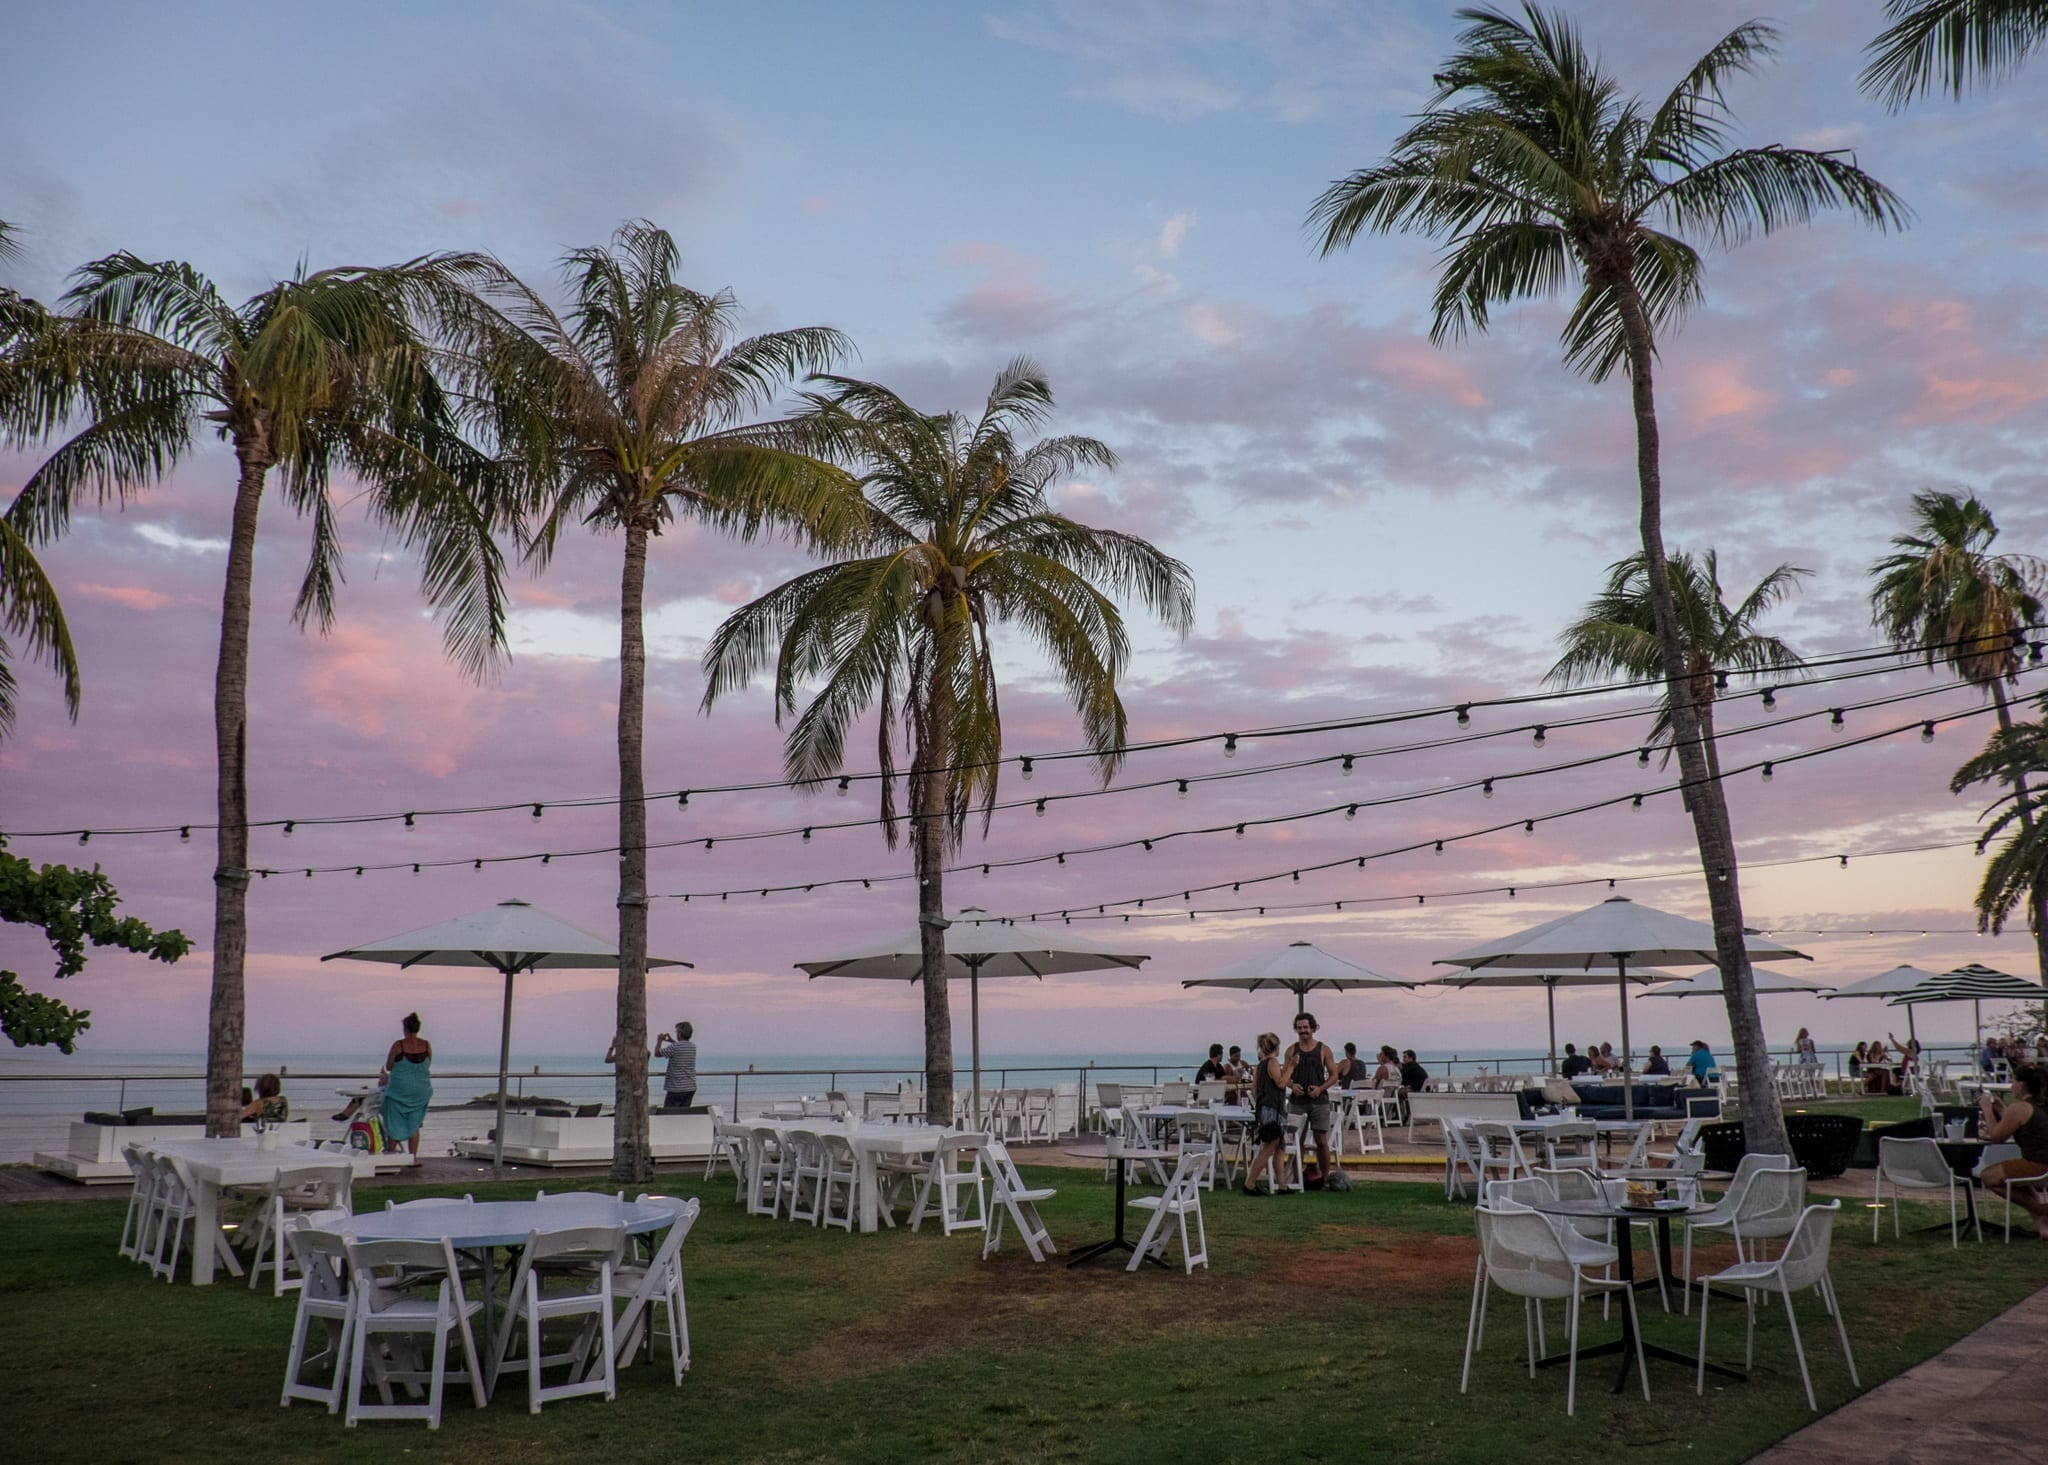 Mangrove Hotel Broome WA Sunset